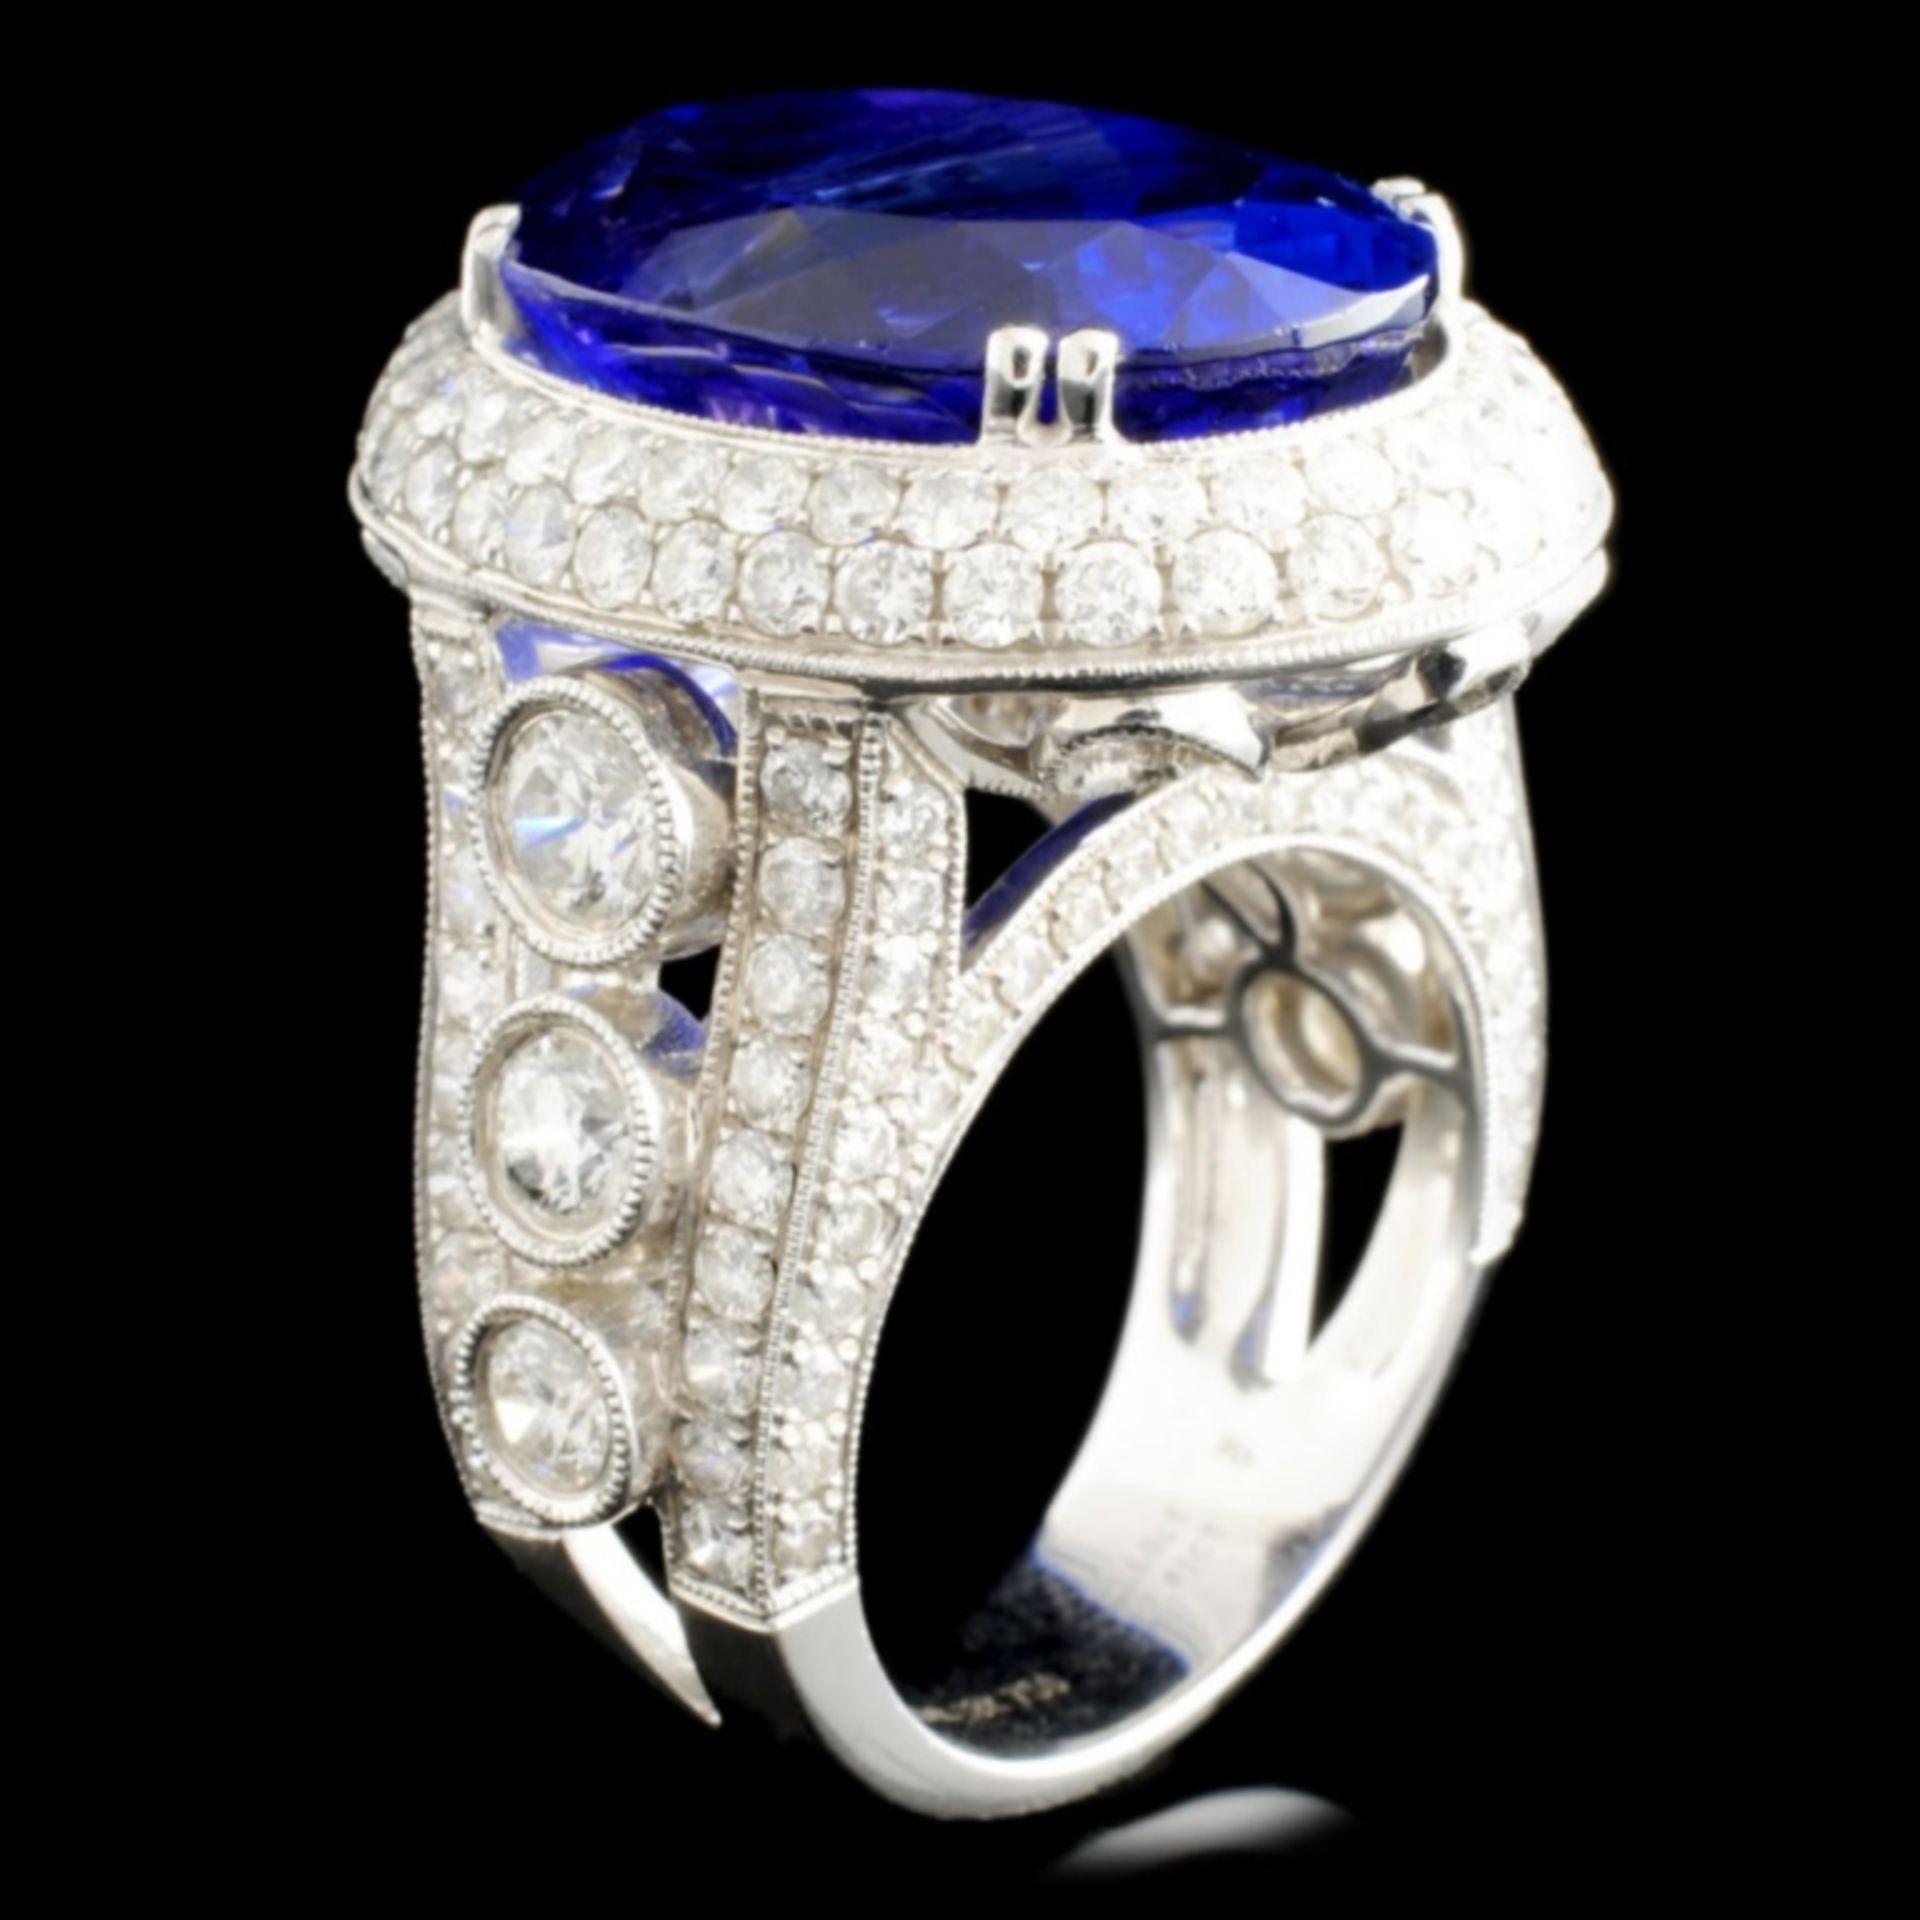 18K Gold 17.41ct Tanzanite & 3.68ctw Diamond Ring - Image 2 of 5